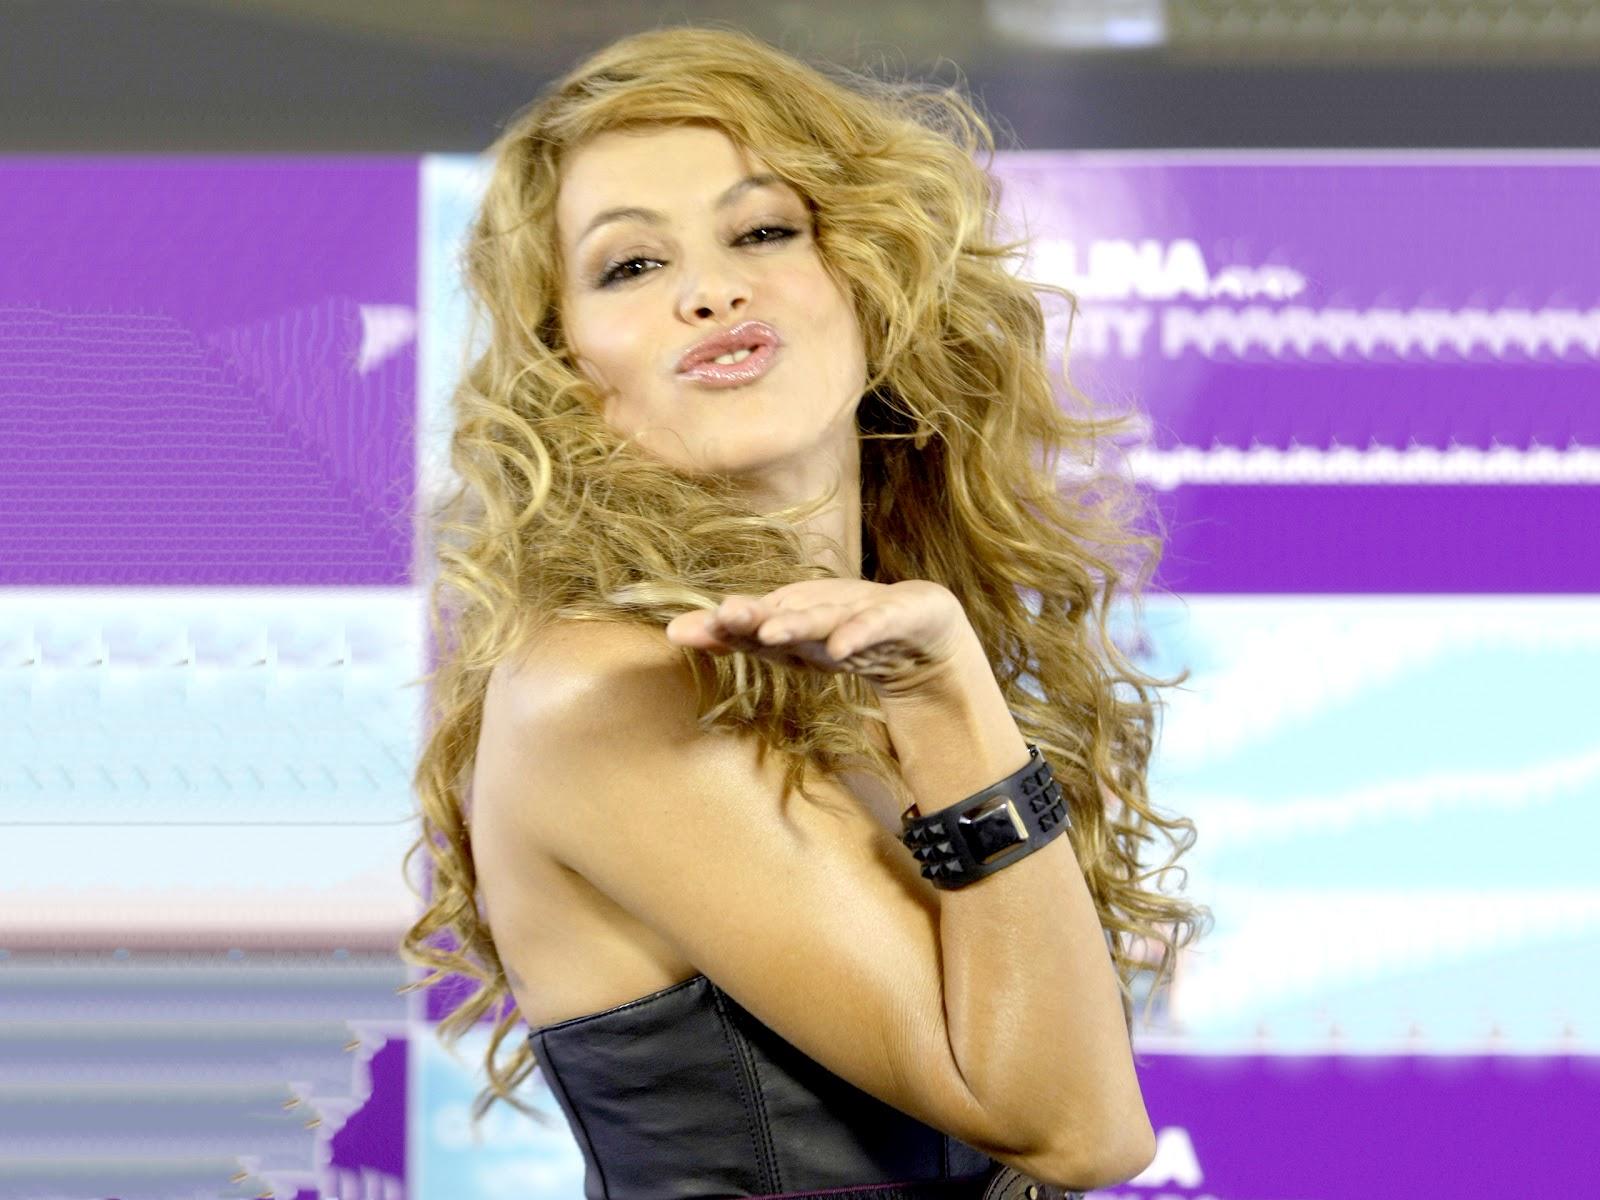 http://4.bp.blogspot.com/-xCoVyt_HDDI/T6knA85sjBI/AAAAAAAADCg/Wf-XPe6nZKw/s1600/Paulina_Rubio-01.jpg